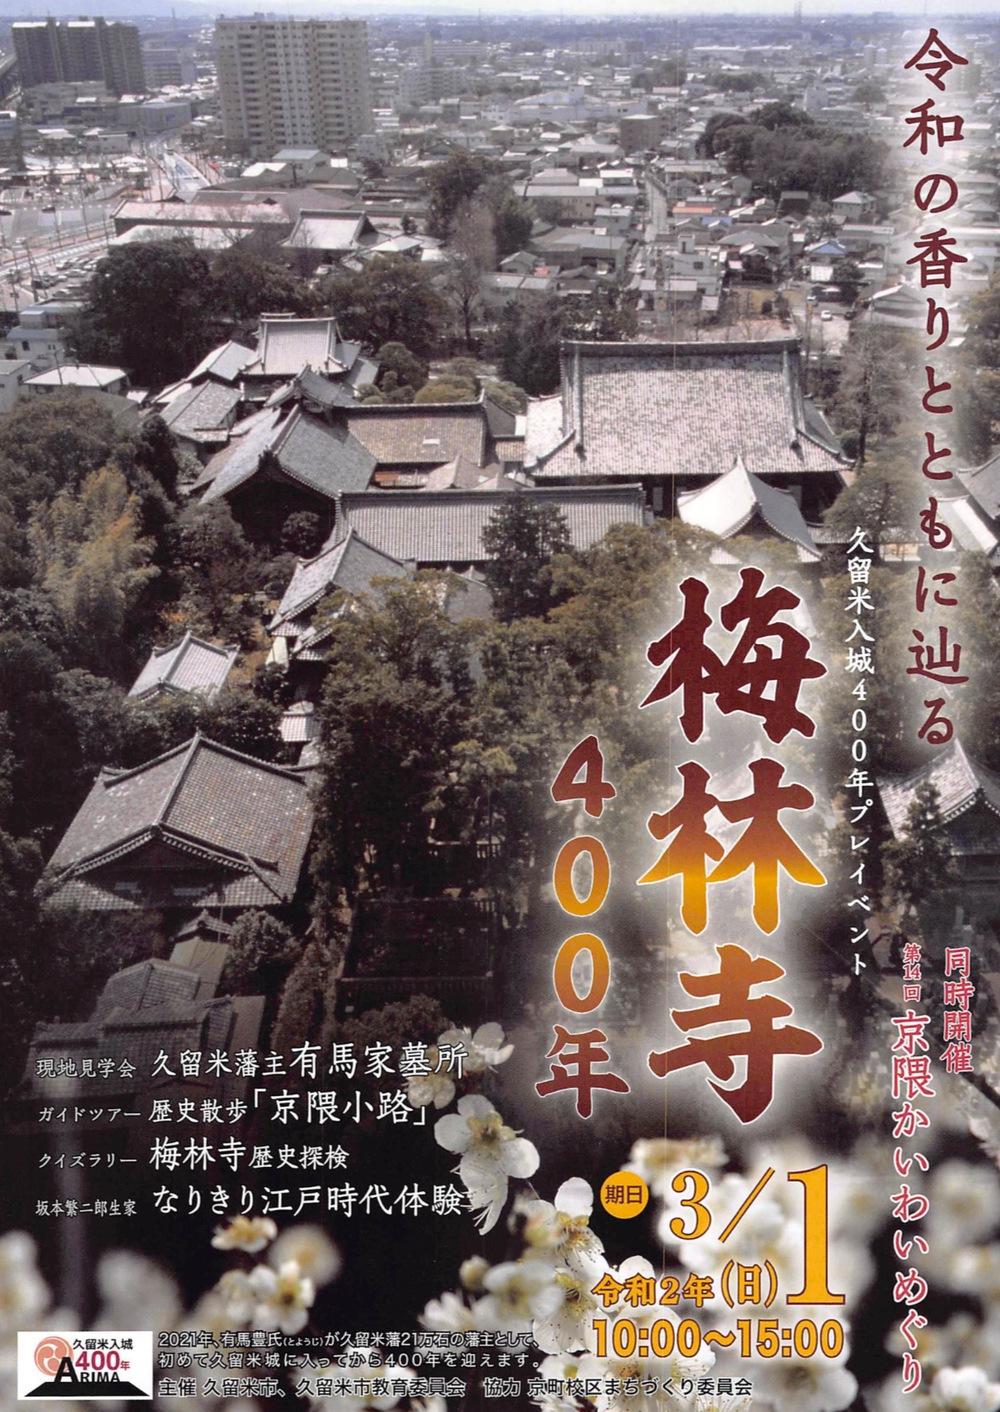 久留米入城400年プレイベント「梅林寺400年」有馬家墓所見学など開催